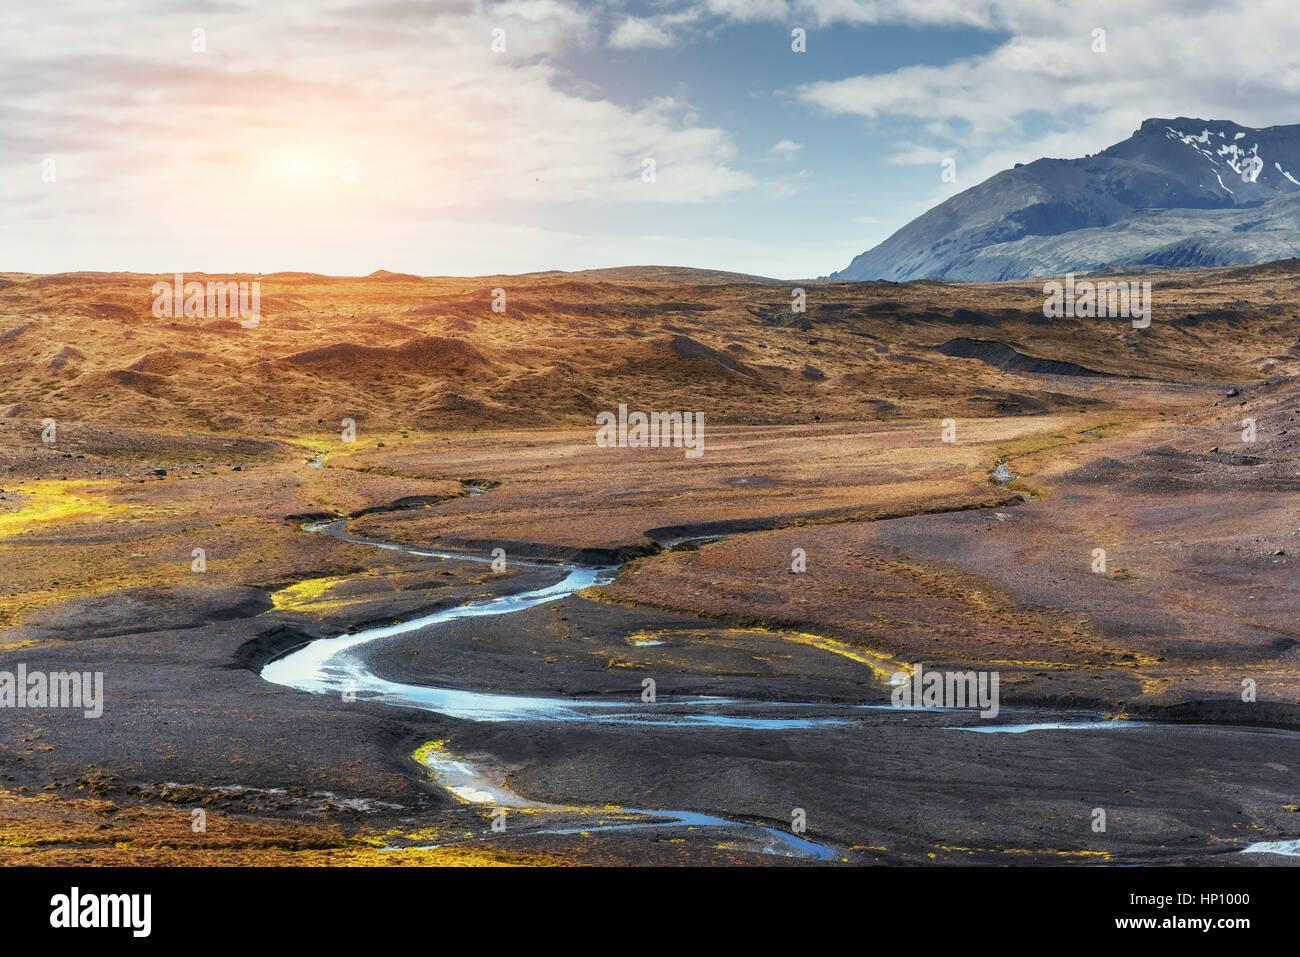 Le magnifique paysage de montagnes et rivières en Islande. Photo Stock